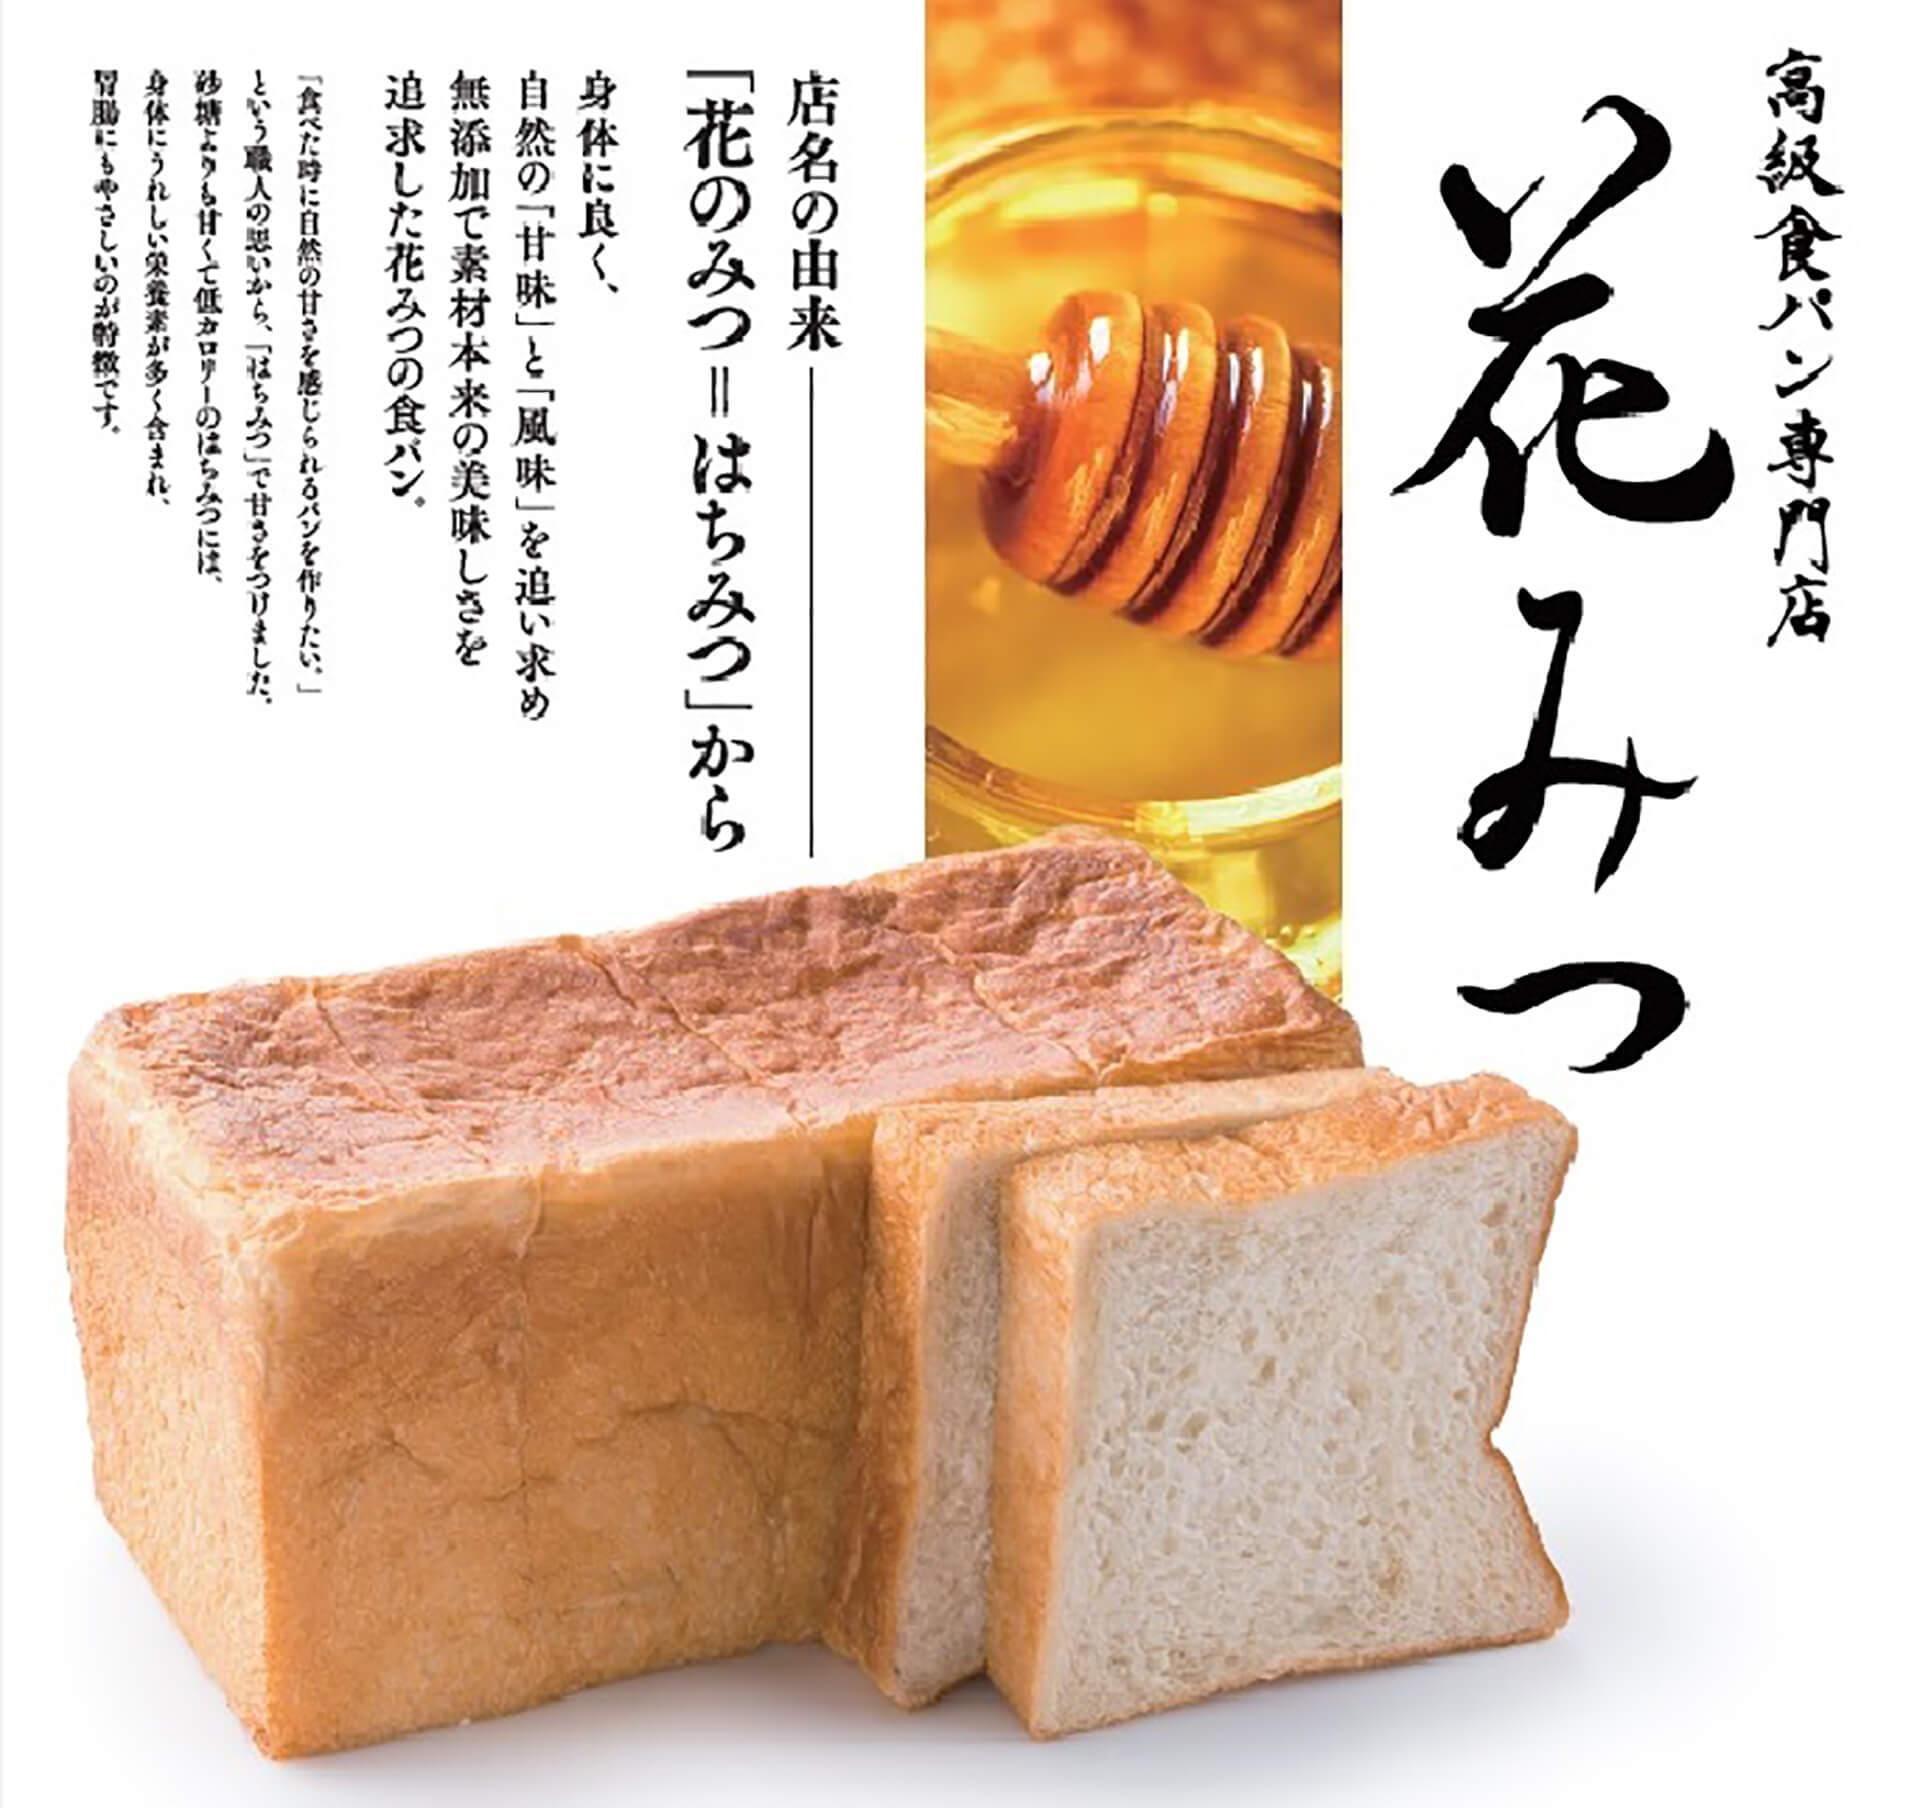 『高級食パン専門店 花みつ』東京都三鷹市三鷹台